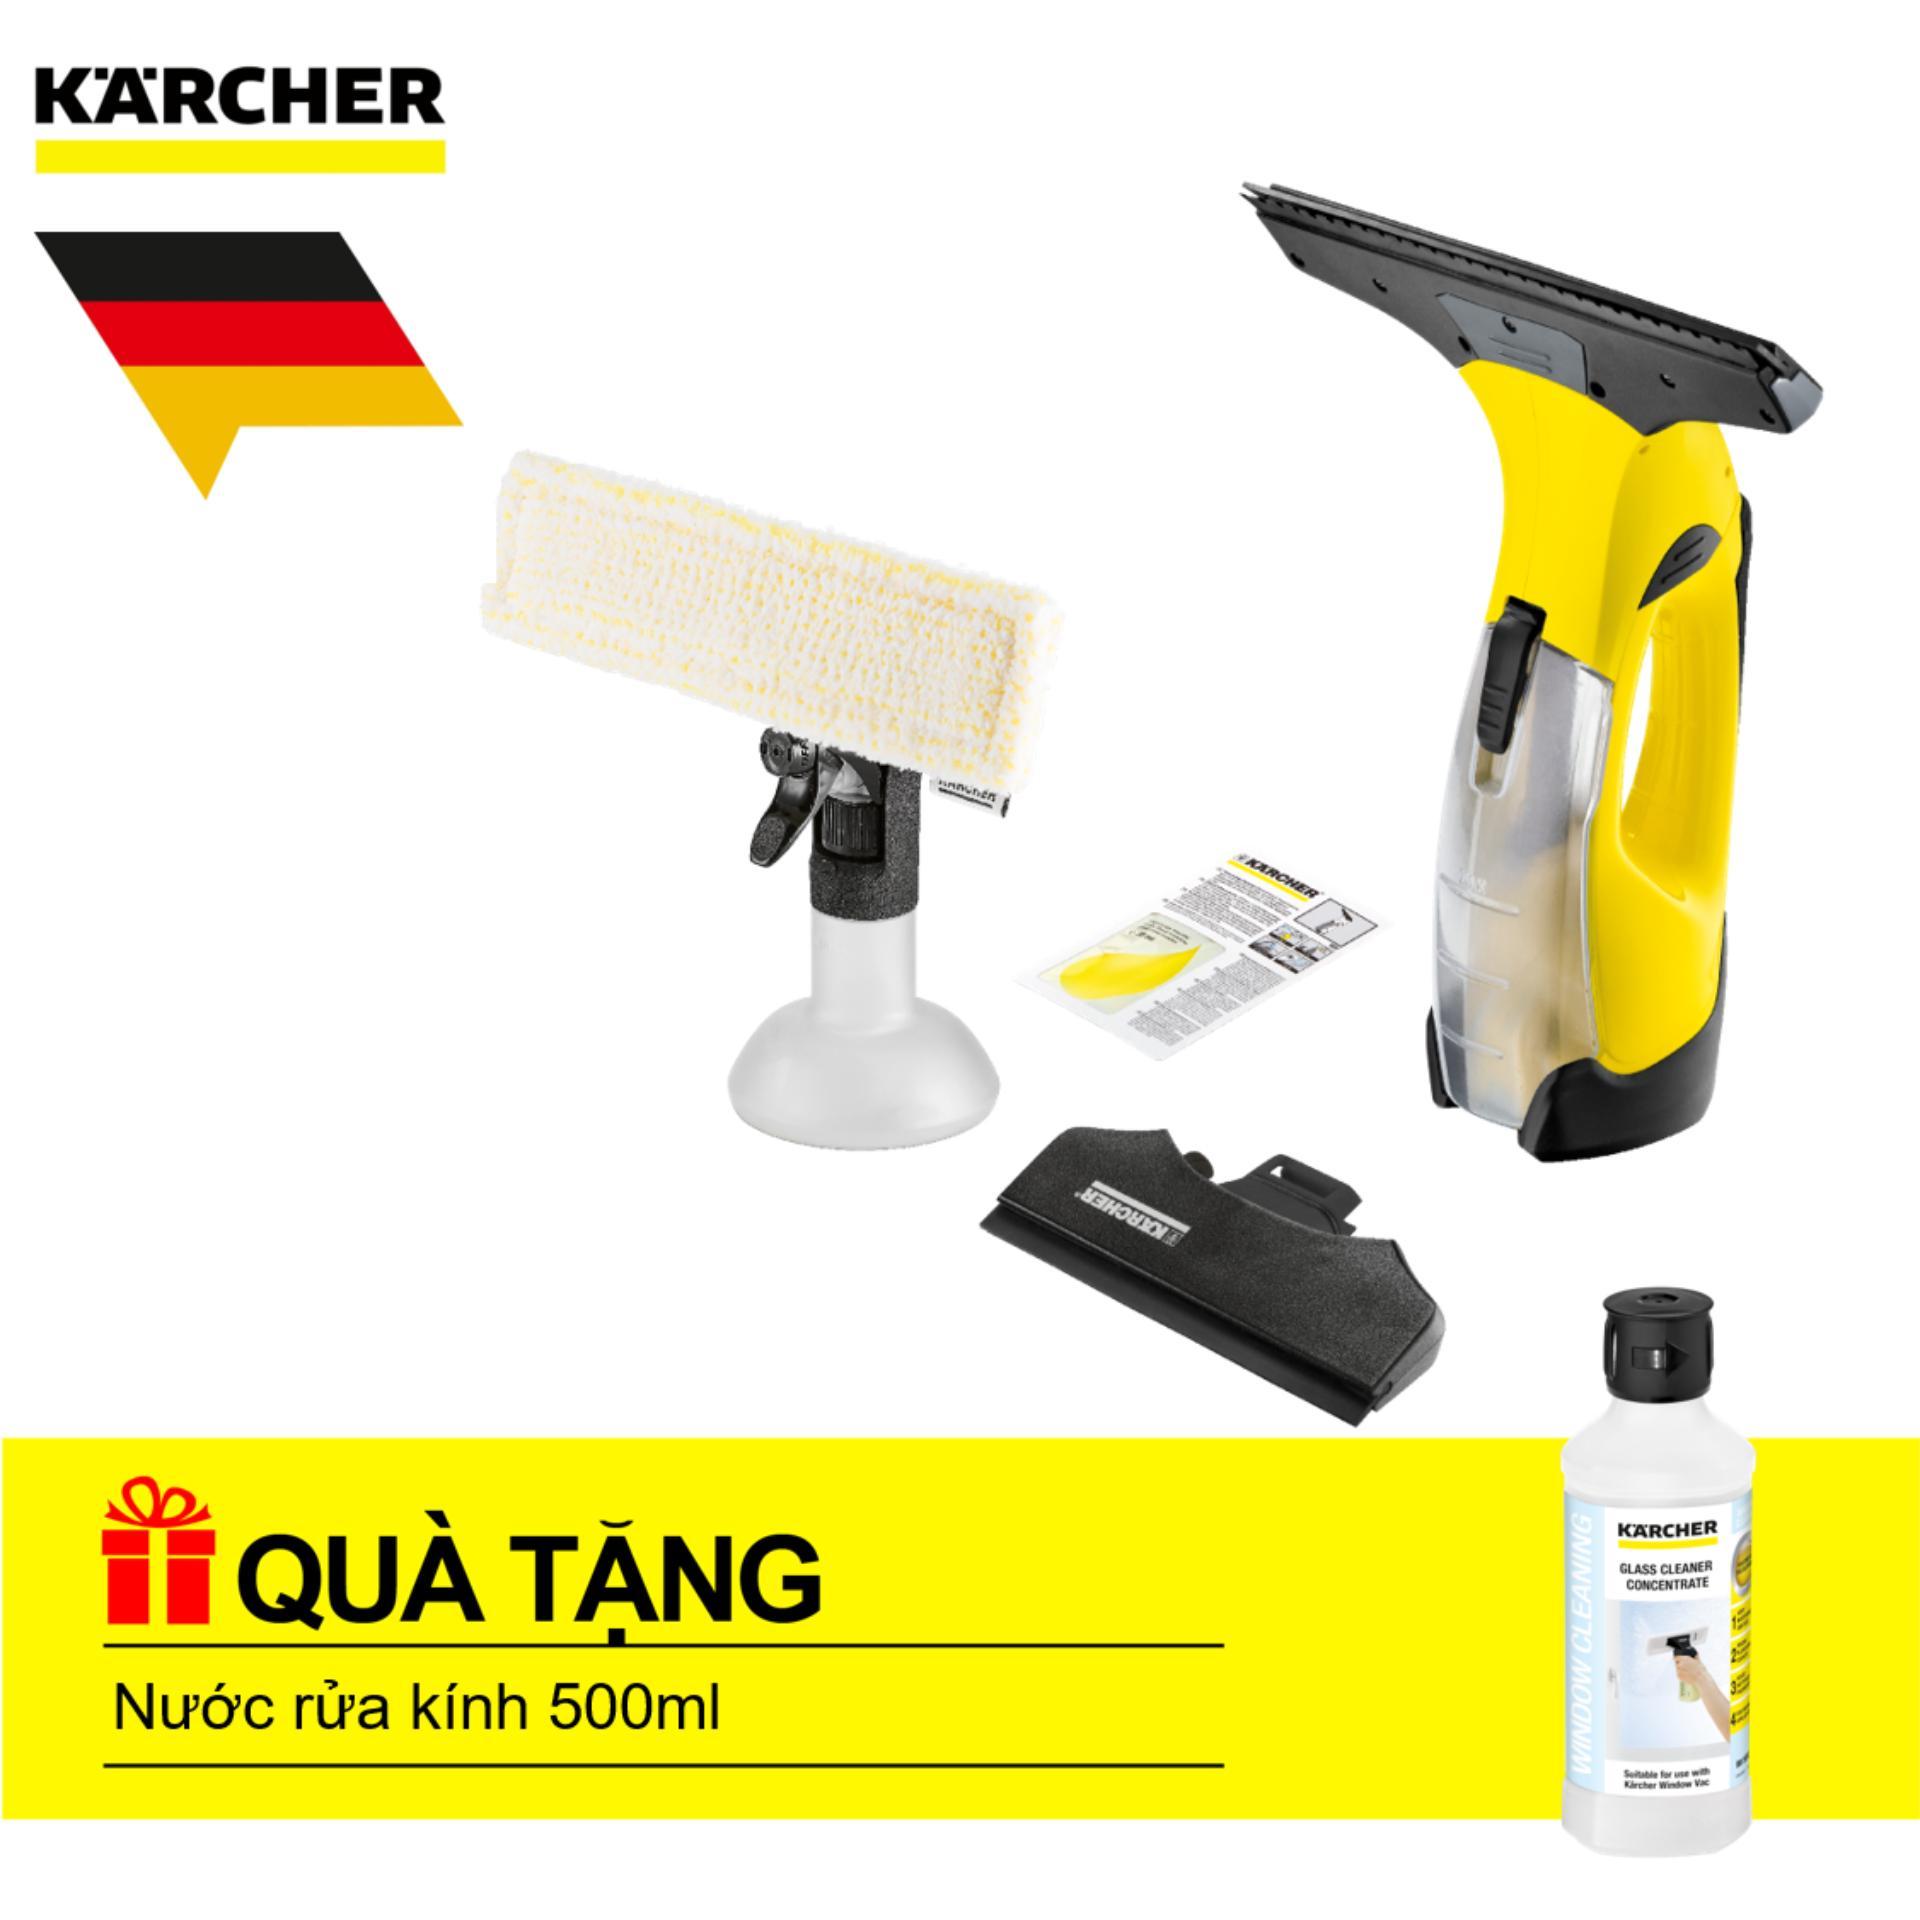 Máy lau kính cầm tay Karcher, WV 5 Premium + Tặng nước lau kính 500ml